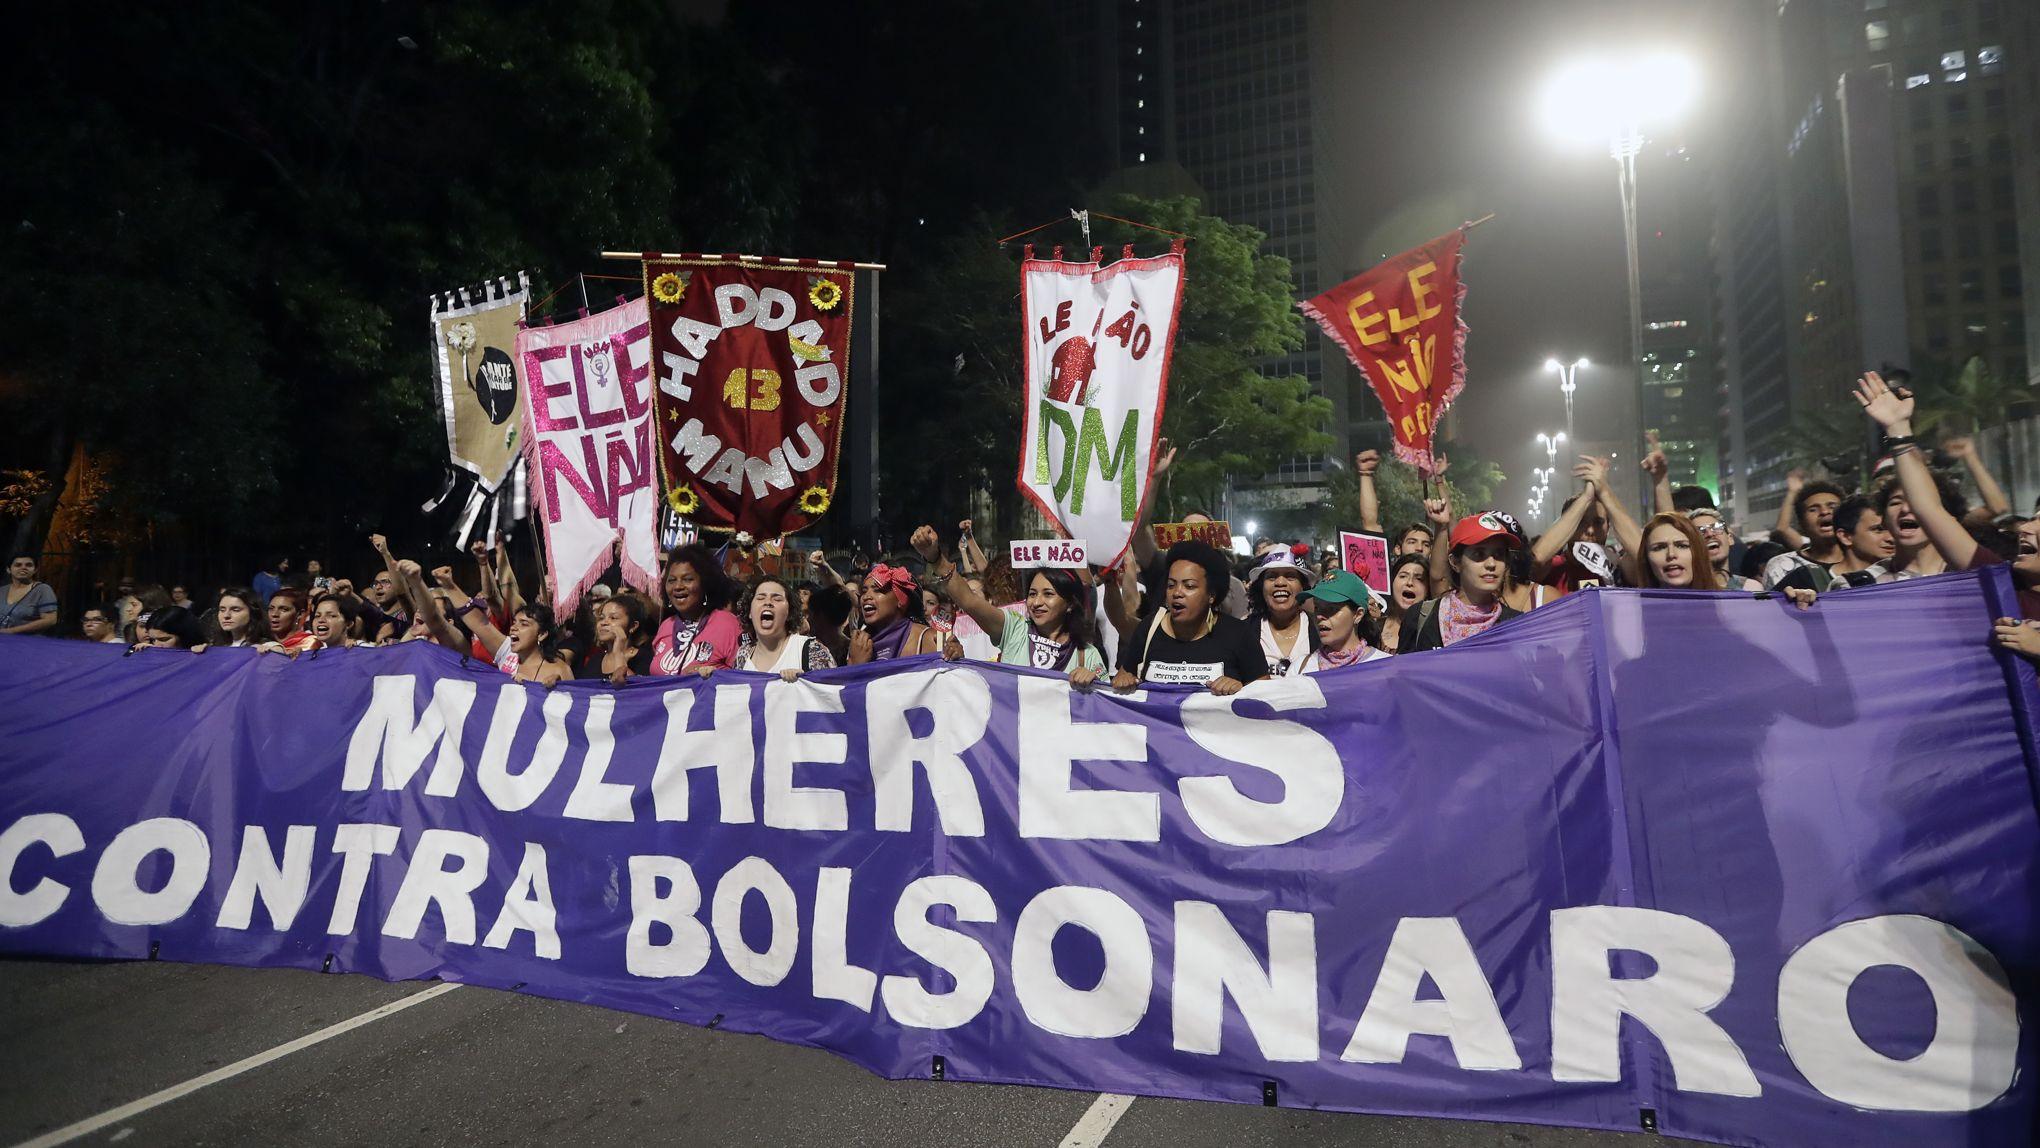 Victoire électorale de Bolsonaro. Après les élections nous devons organiser la lutte pour défendre nos droits !